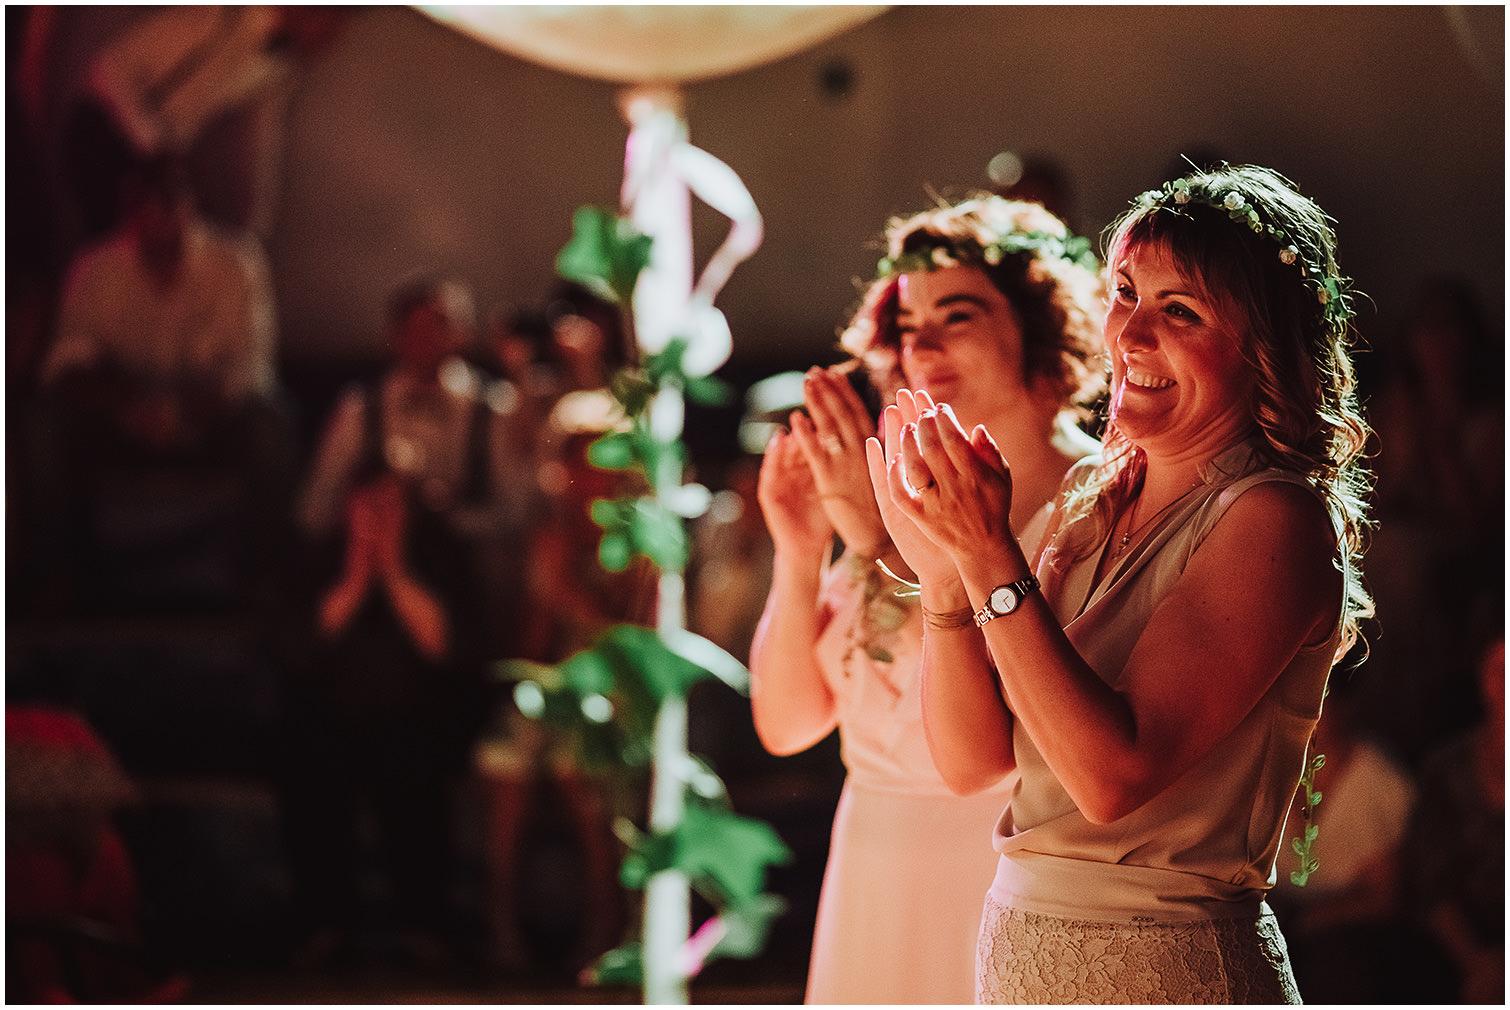 CLARA-RICCARDO-MATRIMONIO-CIRCO-VOLAVOILA-ROMA-SARA-LORENZONI-WEDDING-PHOTOGRAPHY-039